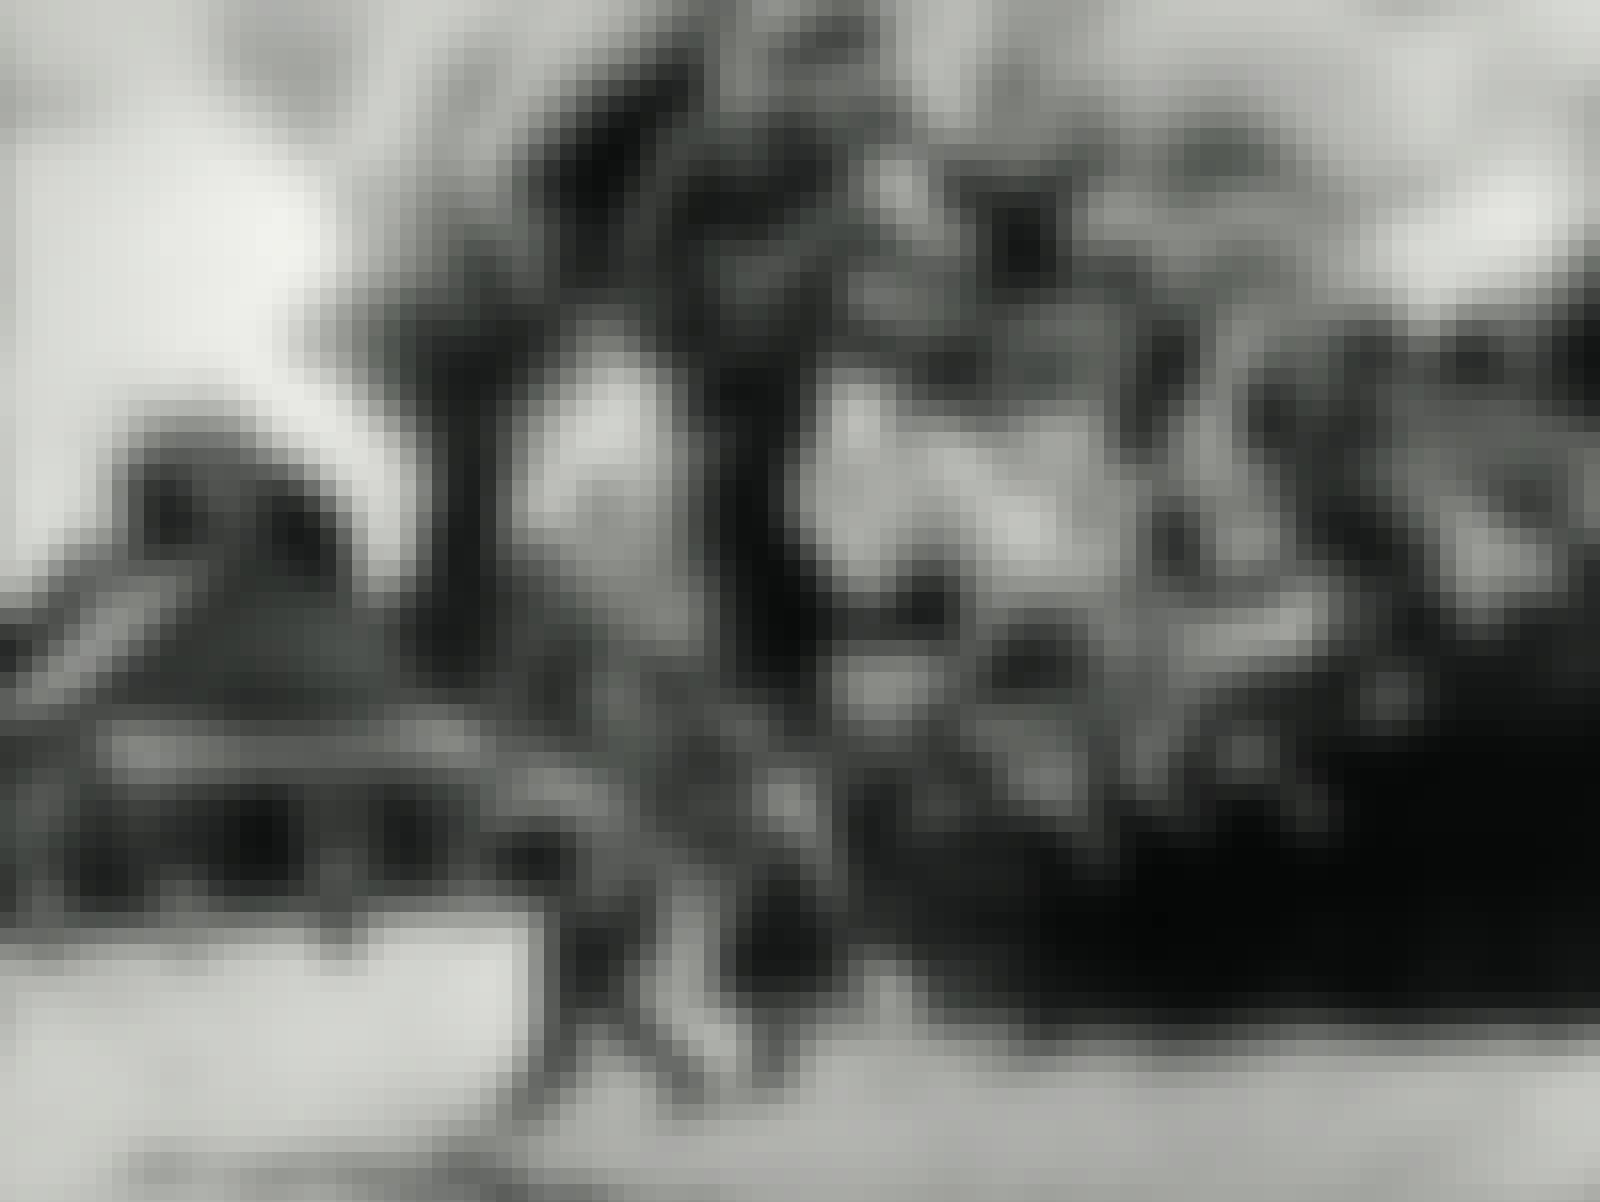 Angriff deutscher Soldaten / 1939